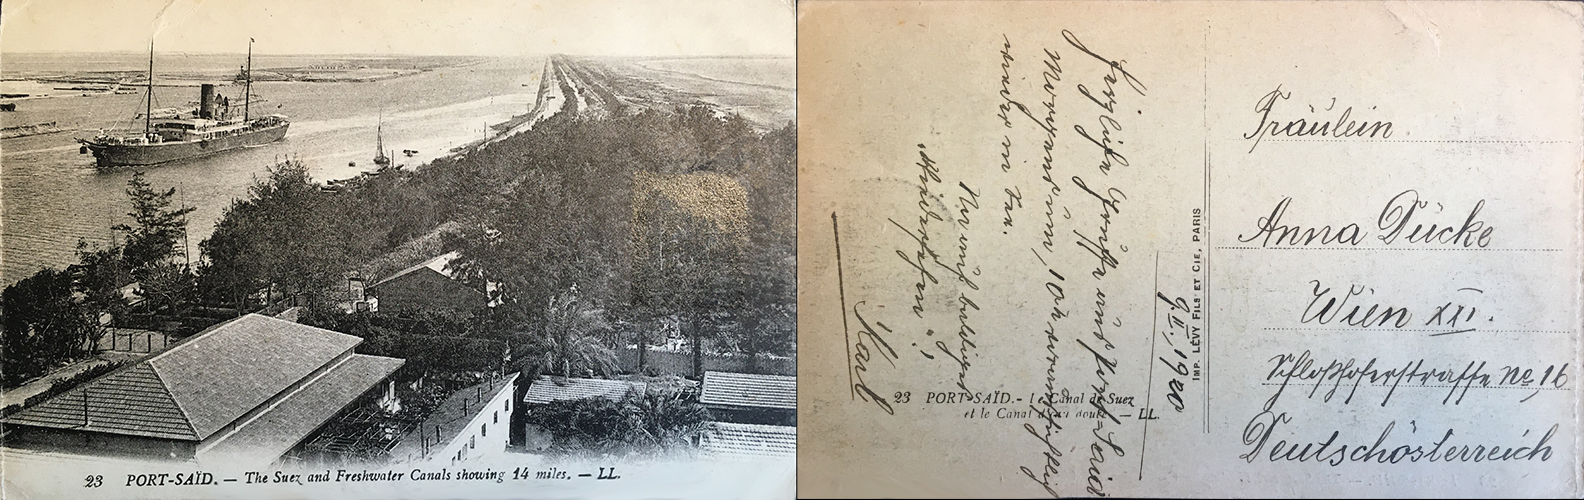 Postkarte